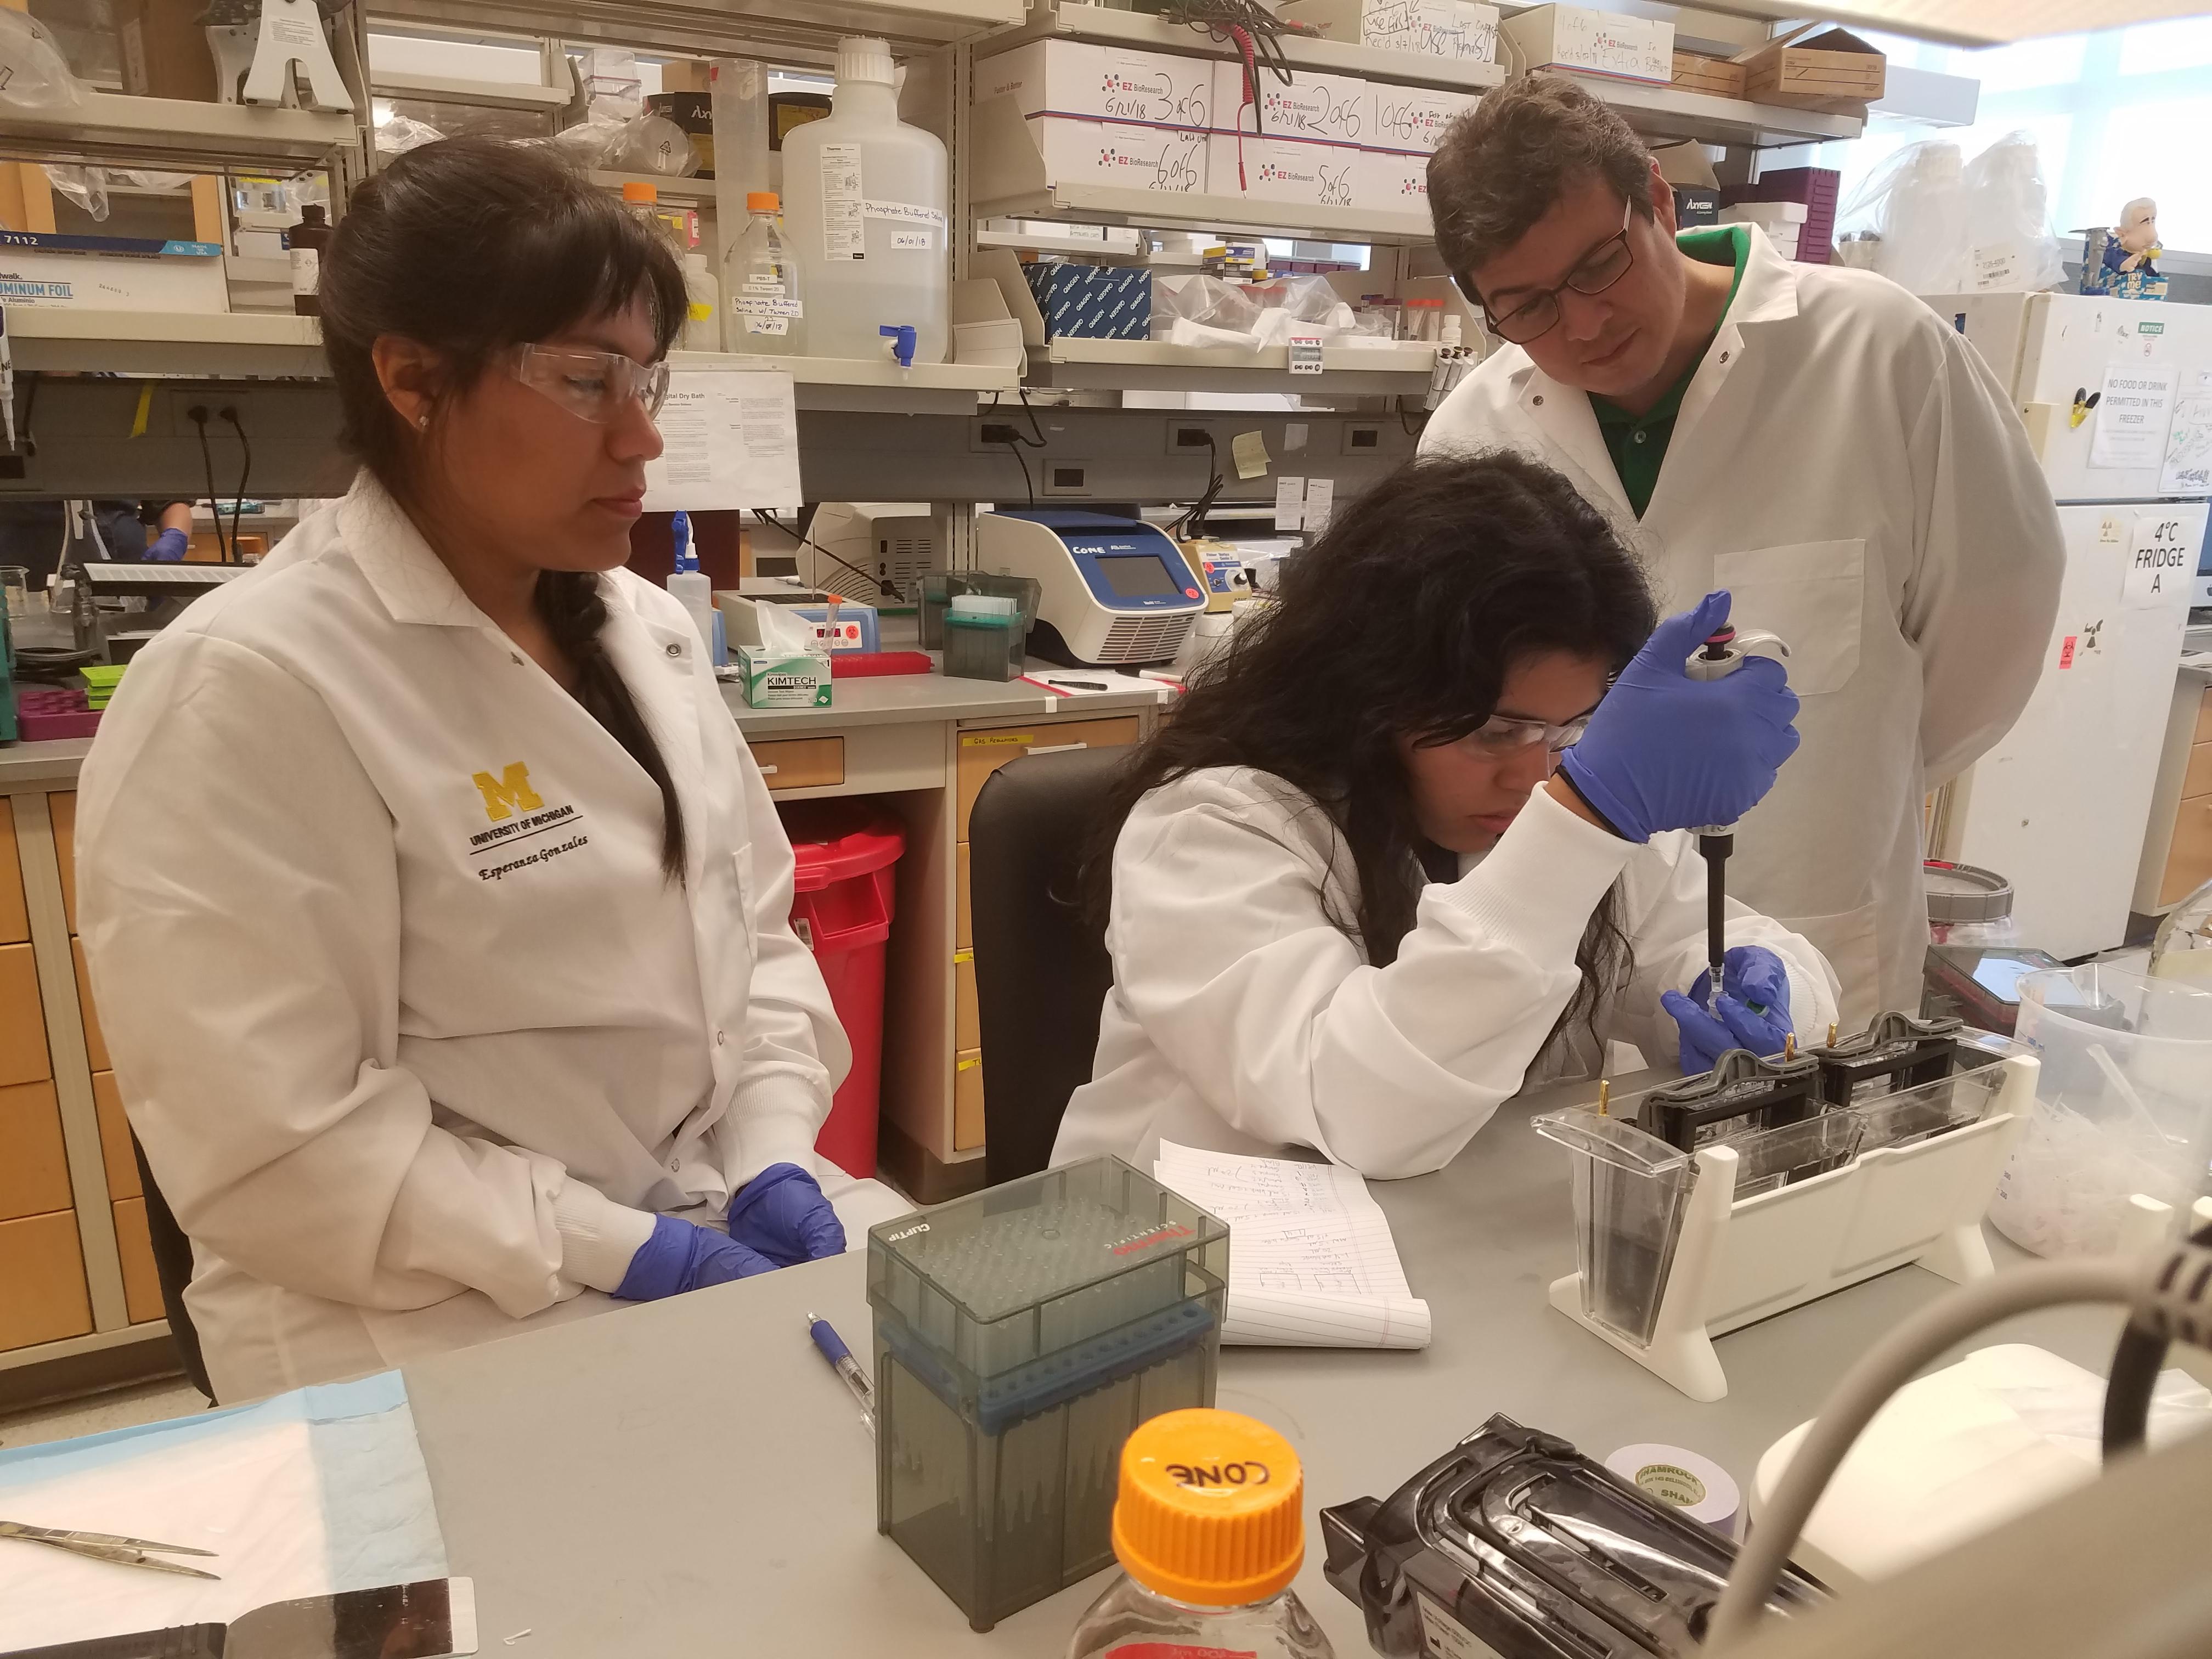 Cone Lab Aspirnaut students